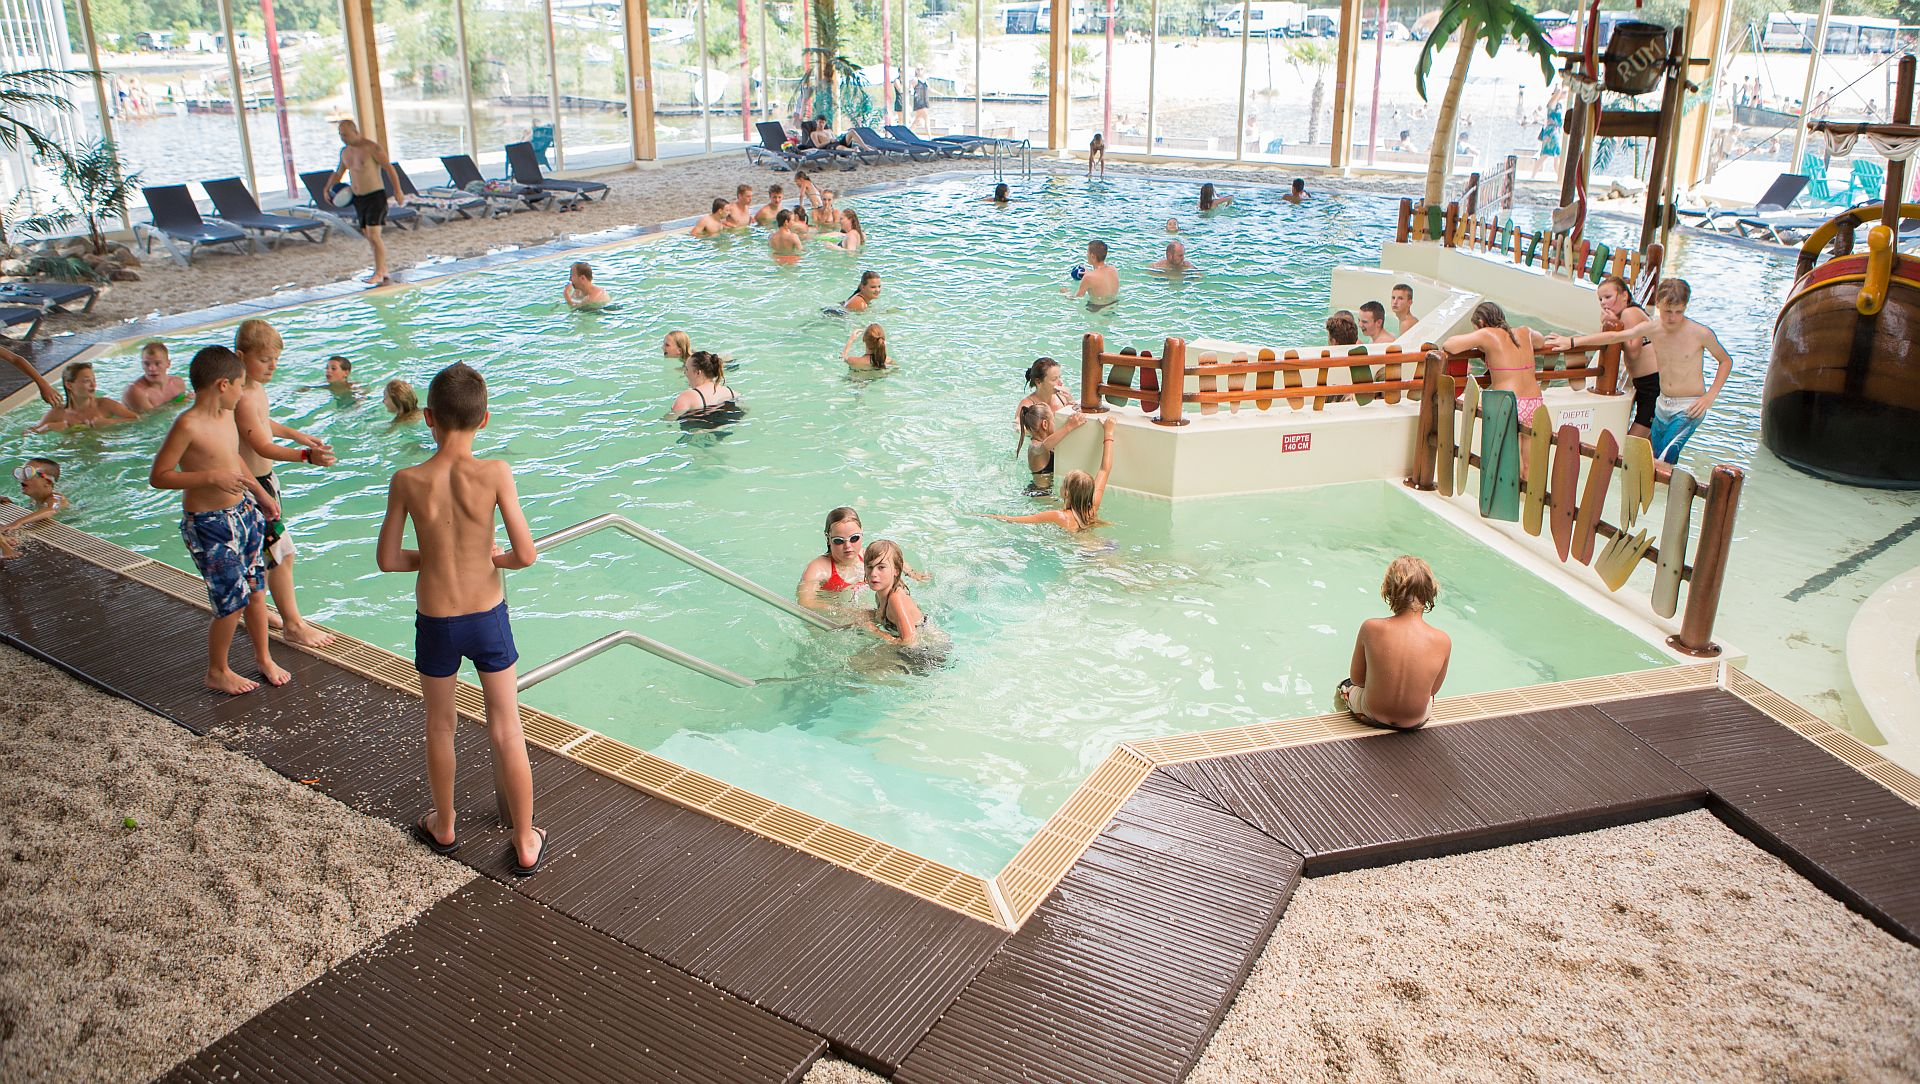 Vakantie in oktober in Overijssel - Vakantie in Oktober in Overijssel